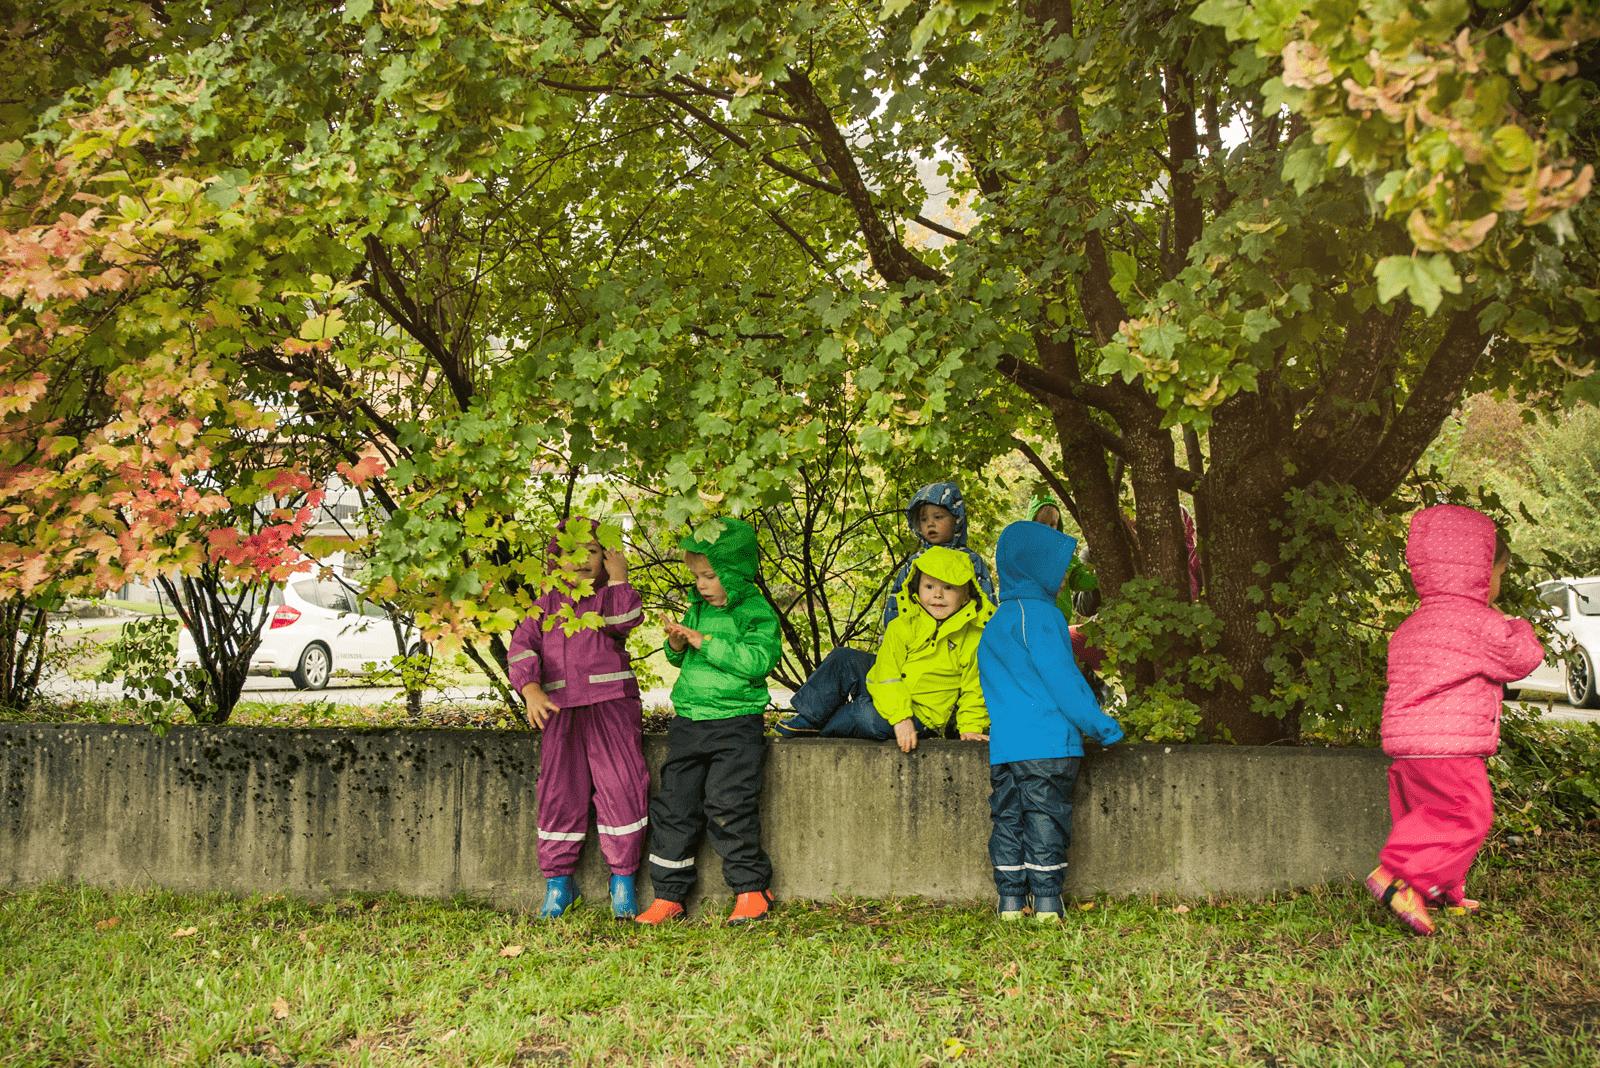 Kinder vom Chinderhus Brienz spielen bei Regenwetter unter dem Baum.